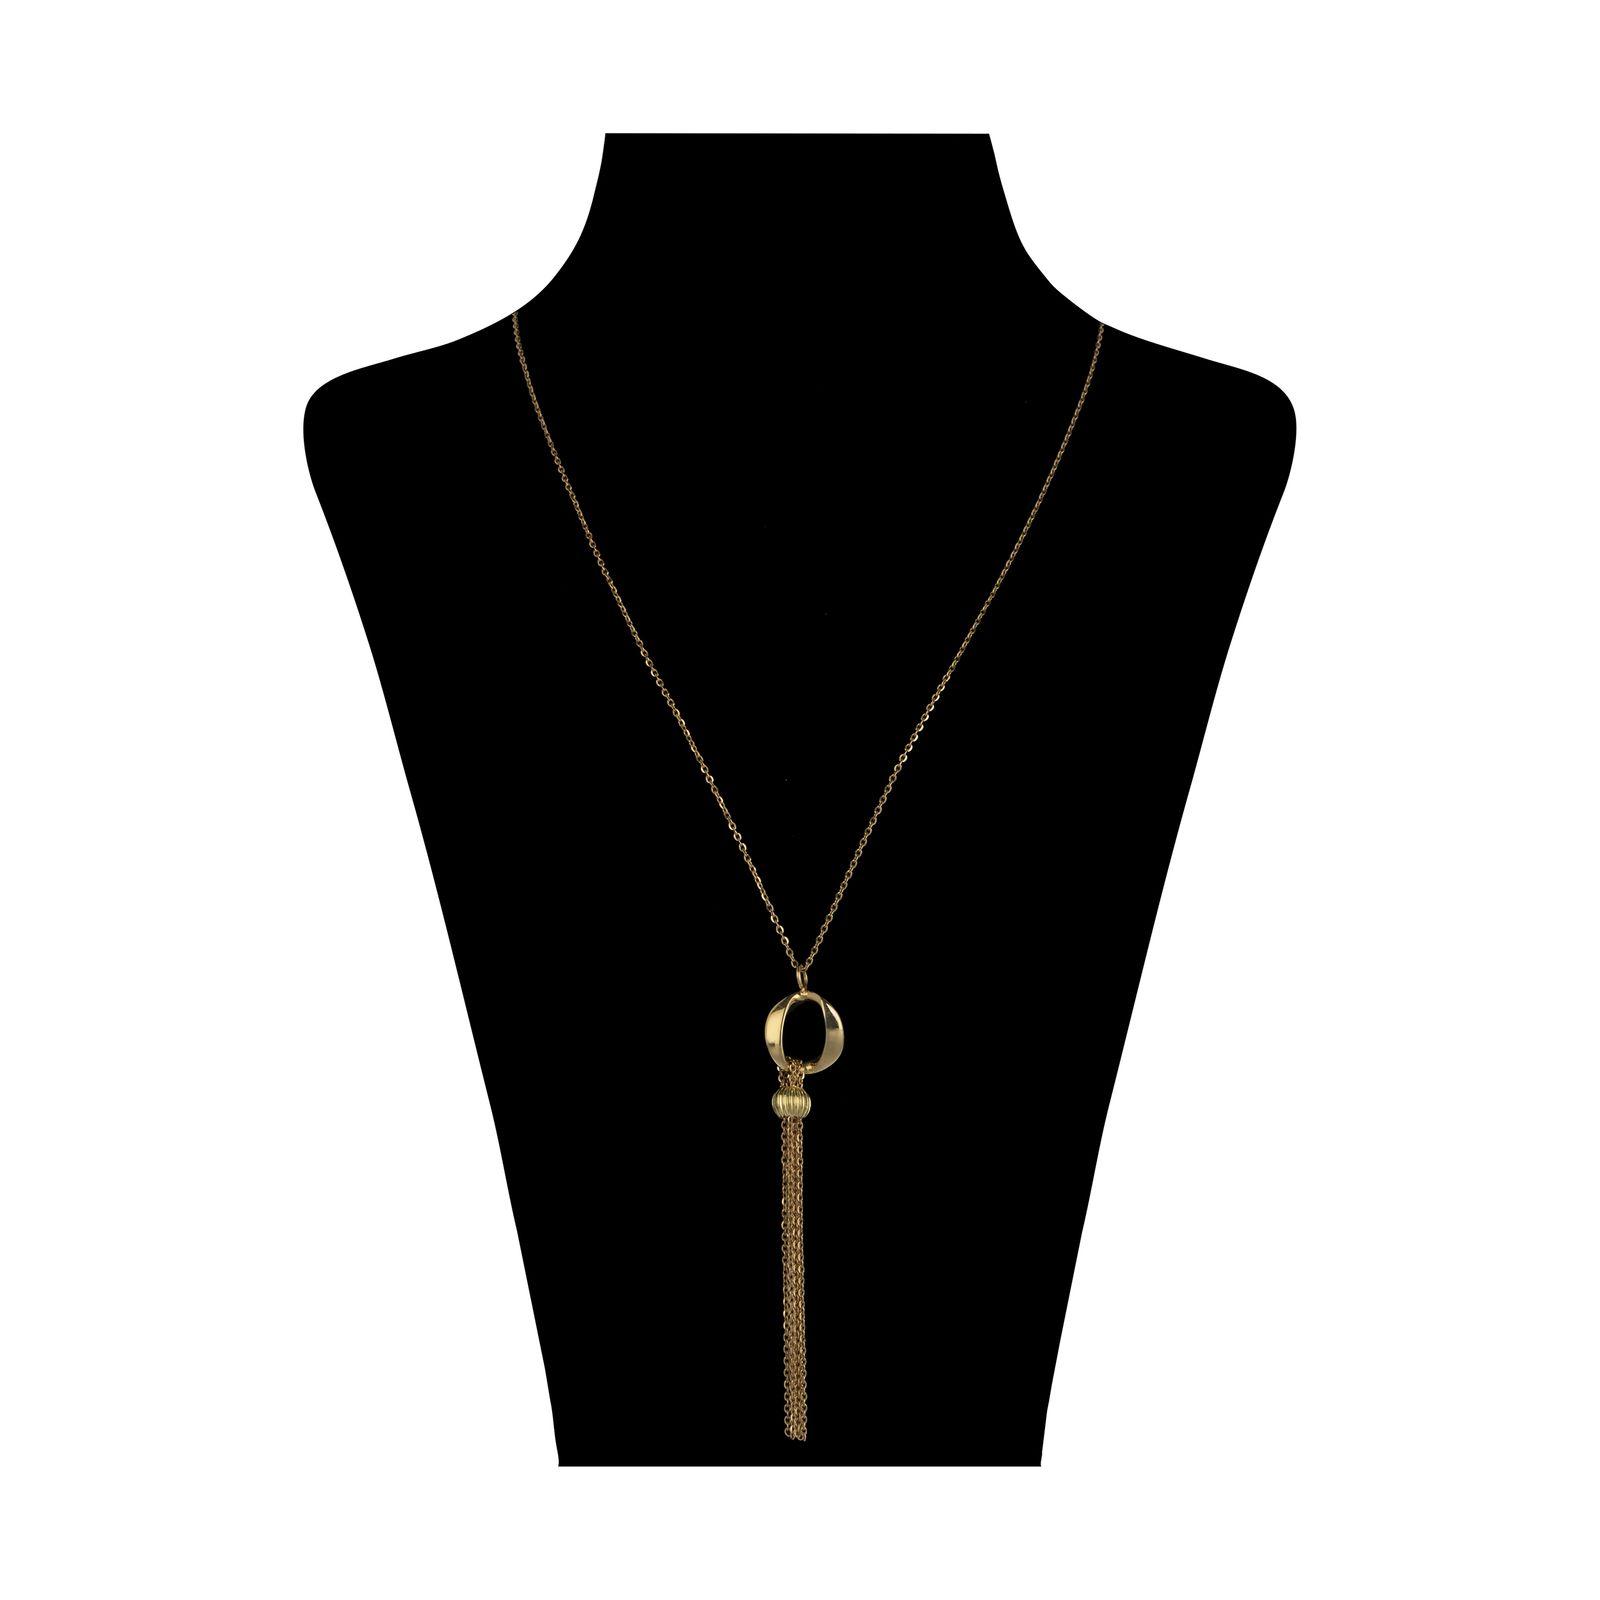 گردنبند طلا 18 عیار زنانه سیودو مدل 145884 -  - 2